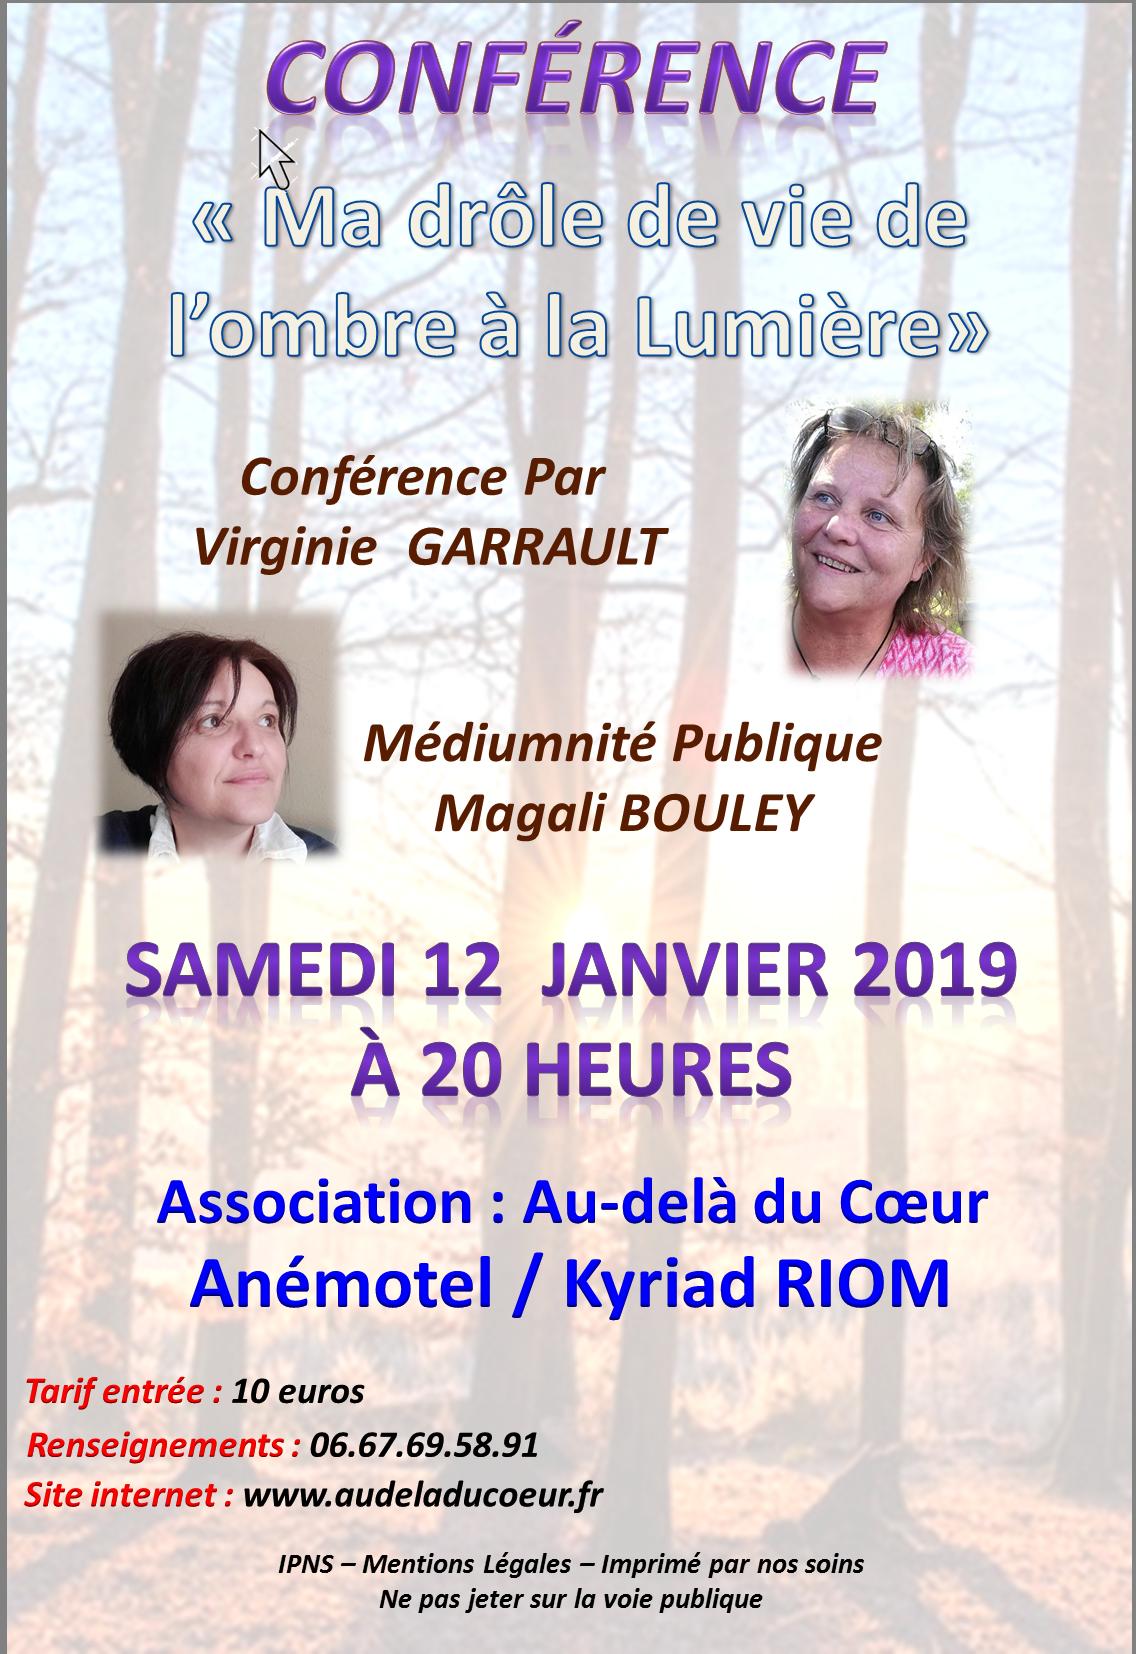 Conference du 12 janvier 2019 V garrault et M Bouley